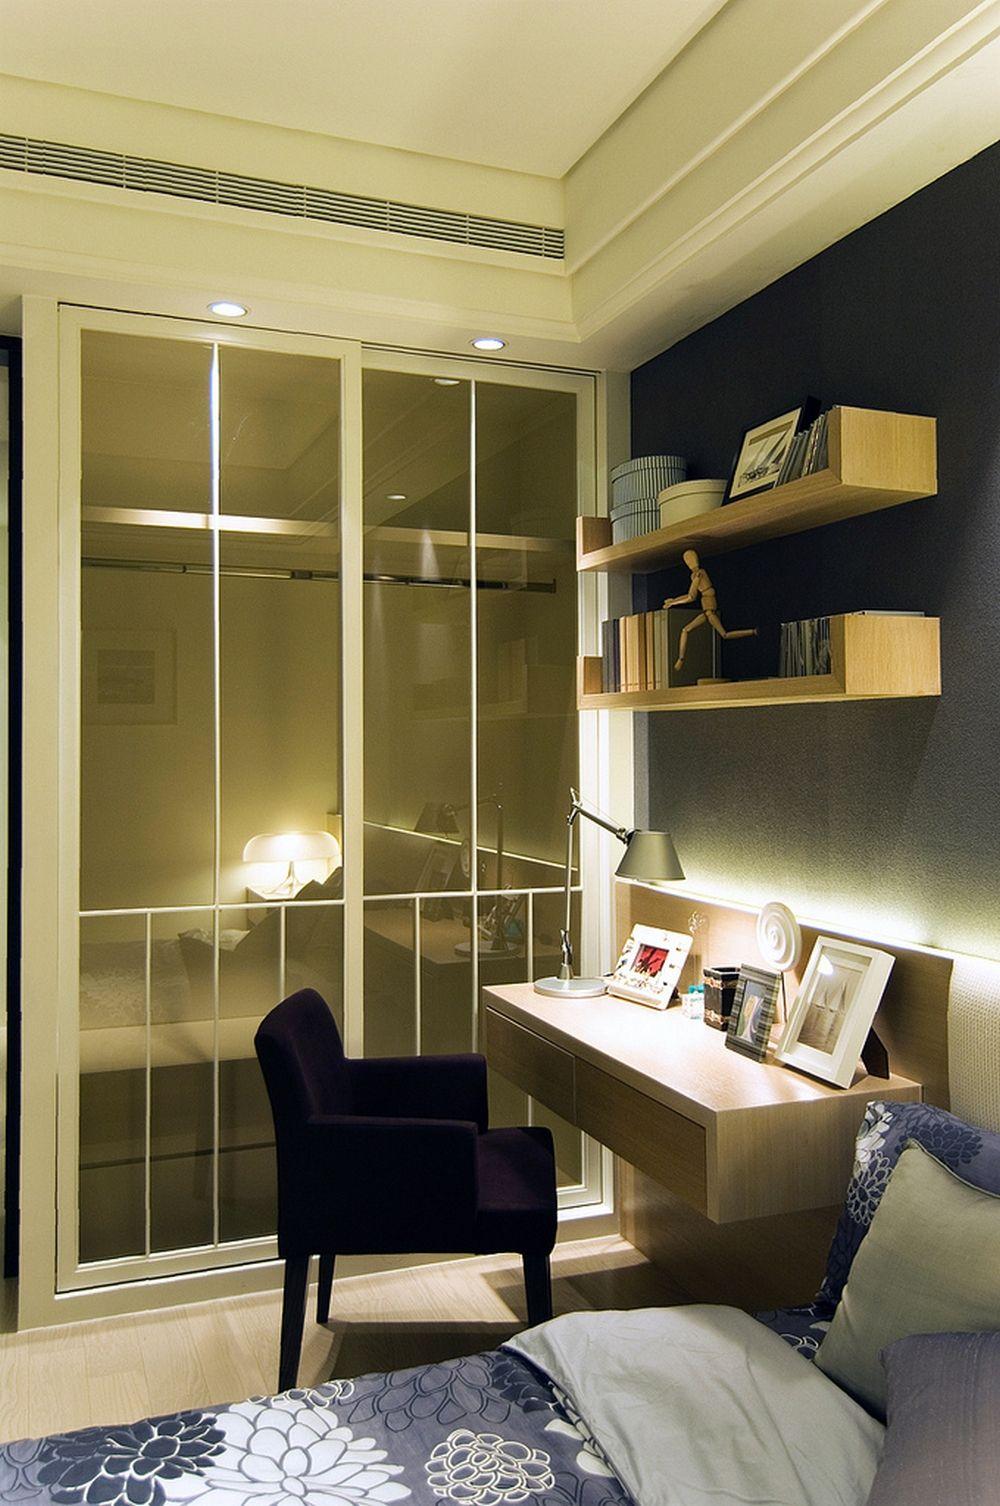 Home interior design hong kong urban style hongkong u taiwan interior design what degree for